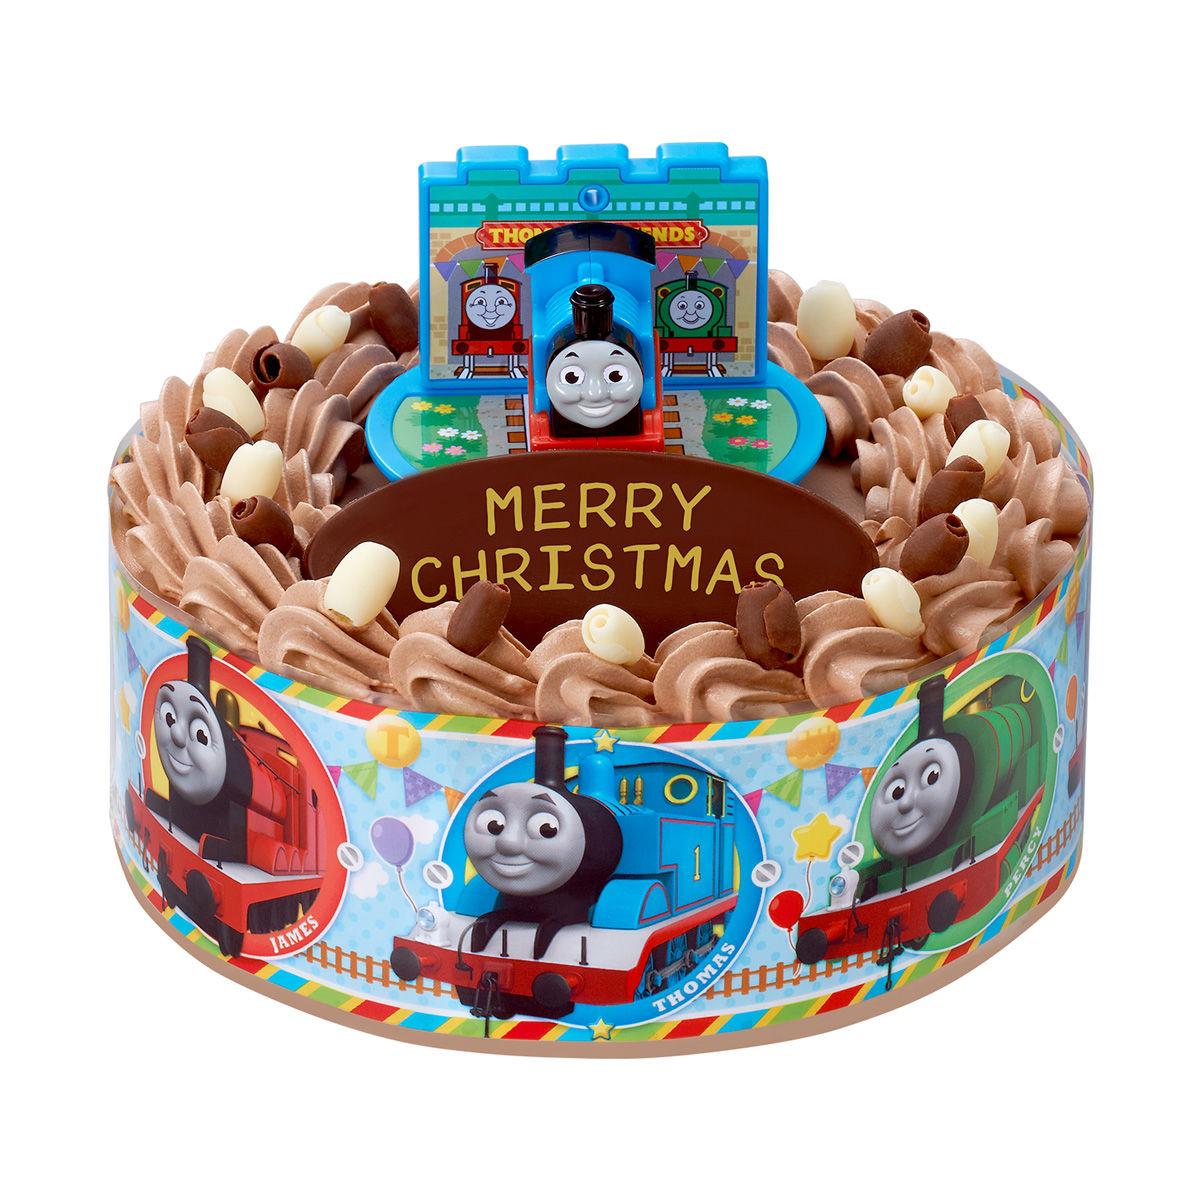 キャラデコお祝いケーキ きかんしゃトーマス(チョコクリーム)[5号サイズ]【2019年12月発送・クリスマス予約】_7